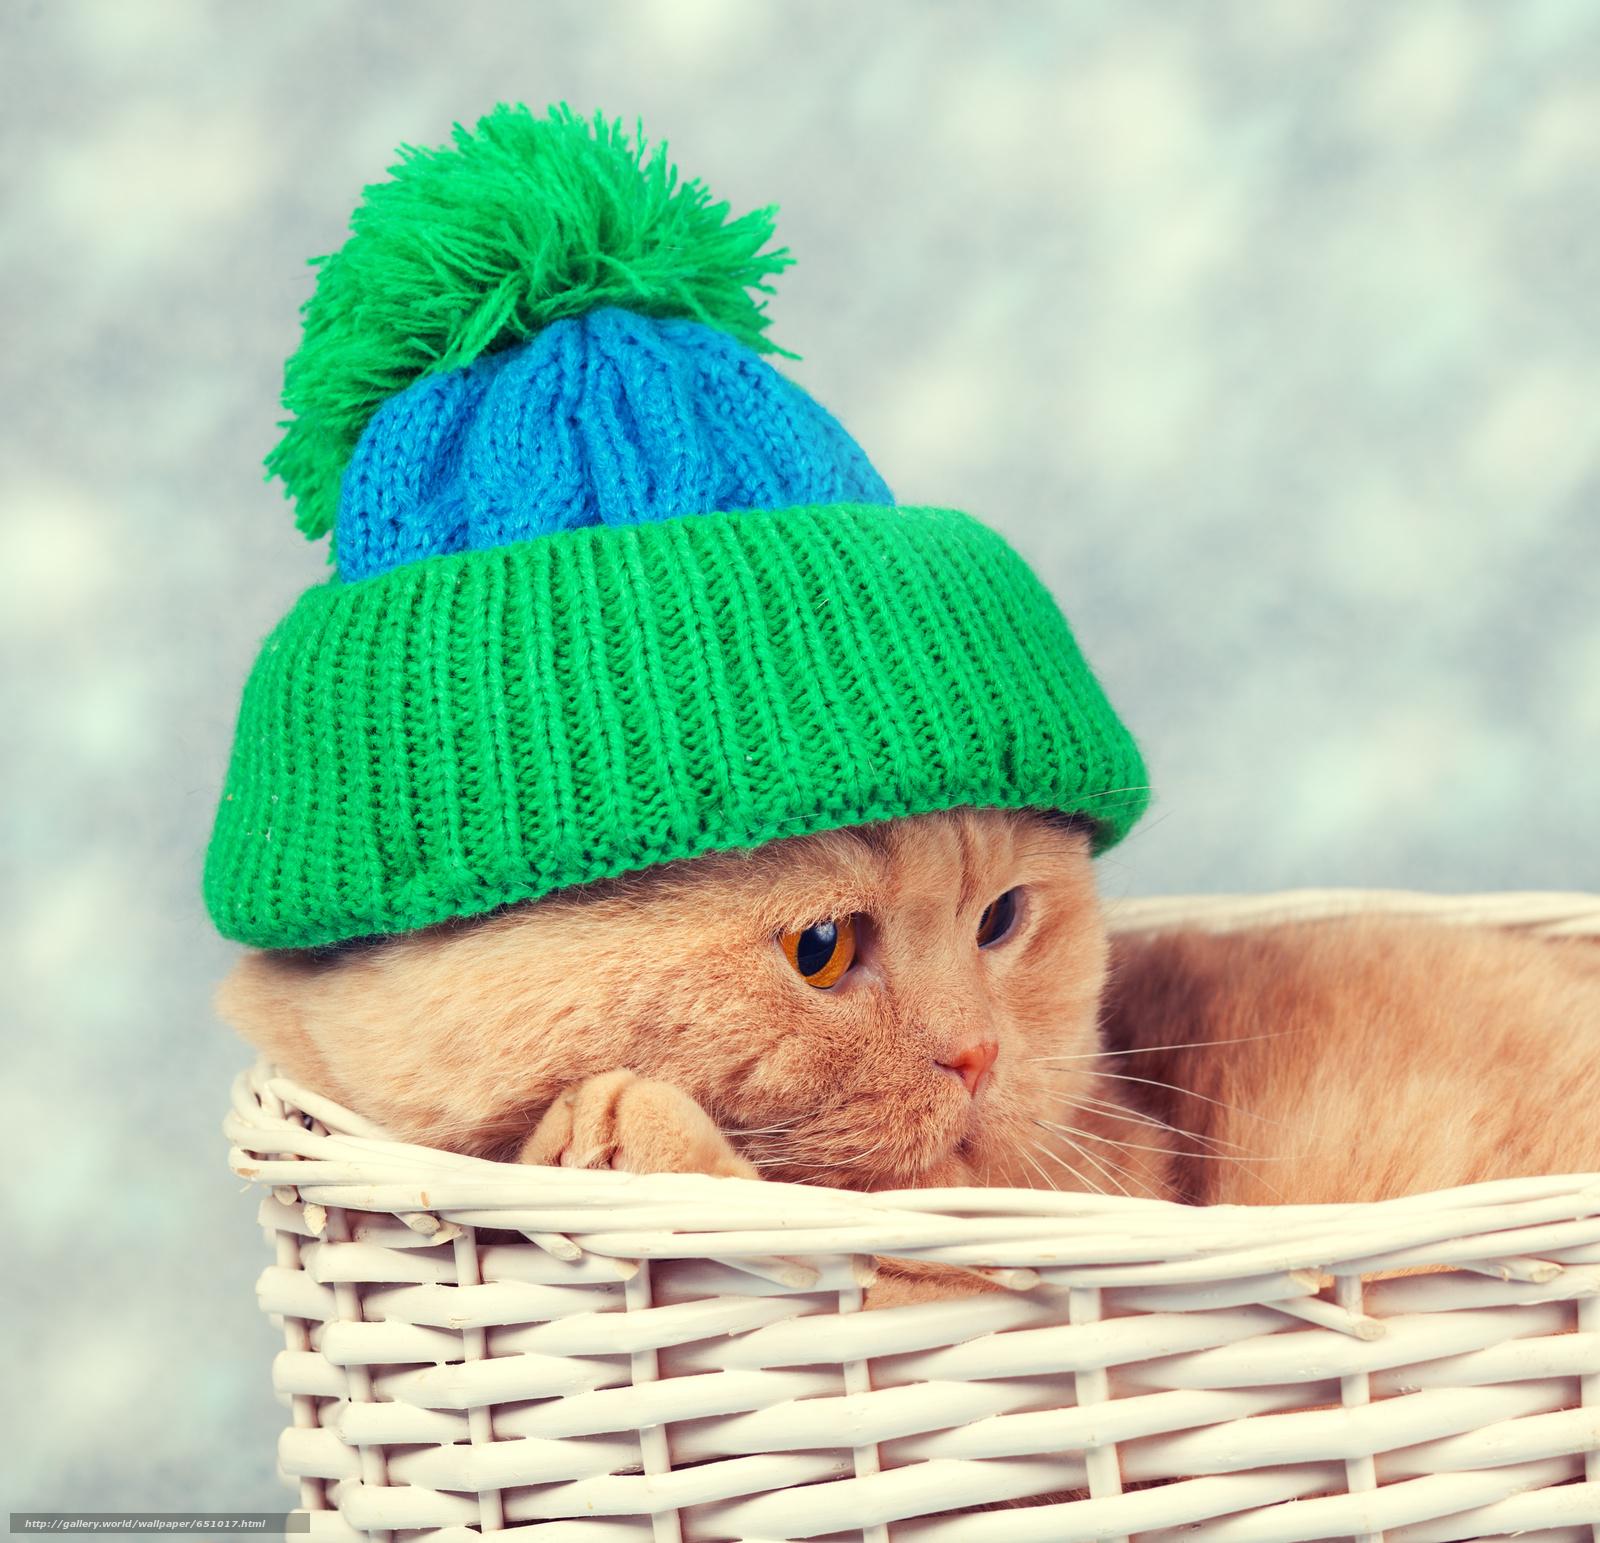 Скачать обои кот,  кошка,  шапка,  корзина бесплатно для рабочего стола в разрешении 3366x3247 — картинка №651017